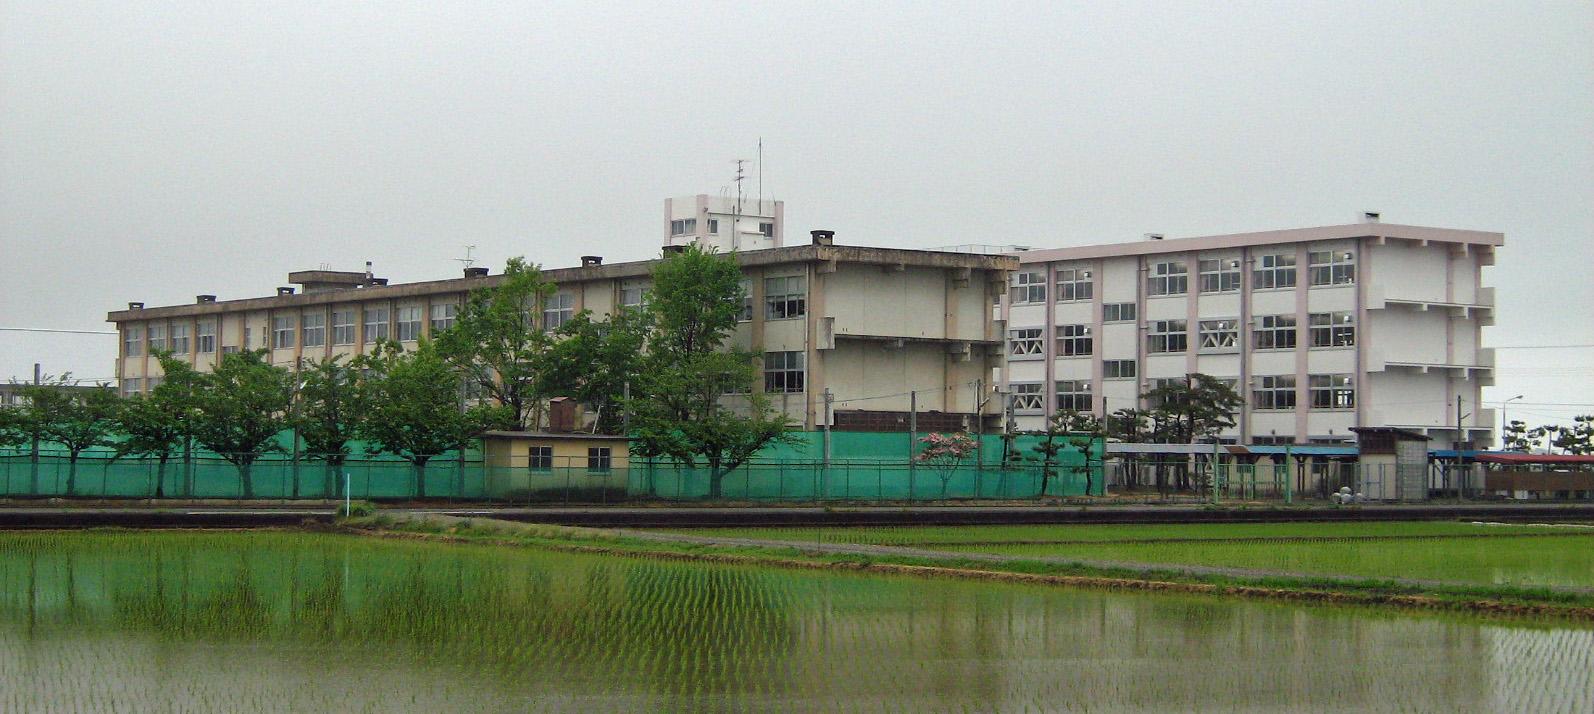 燕中等教育学校 後期課程